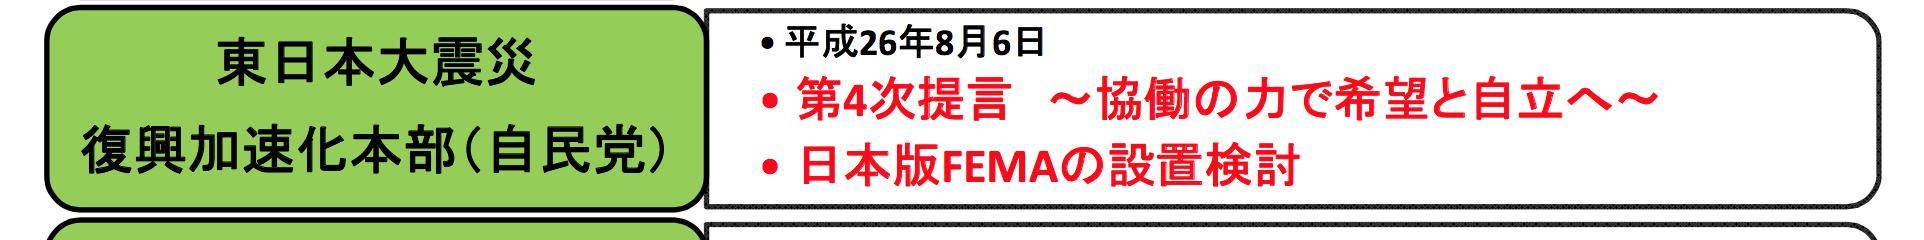 福島ガーディアン・シティ計画1